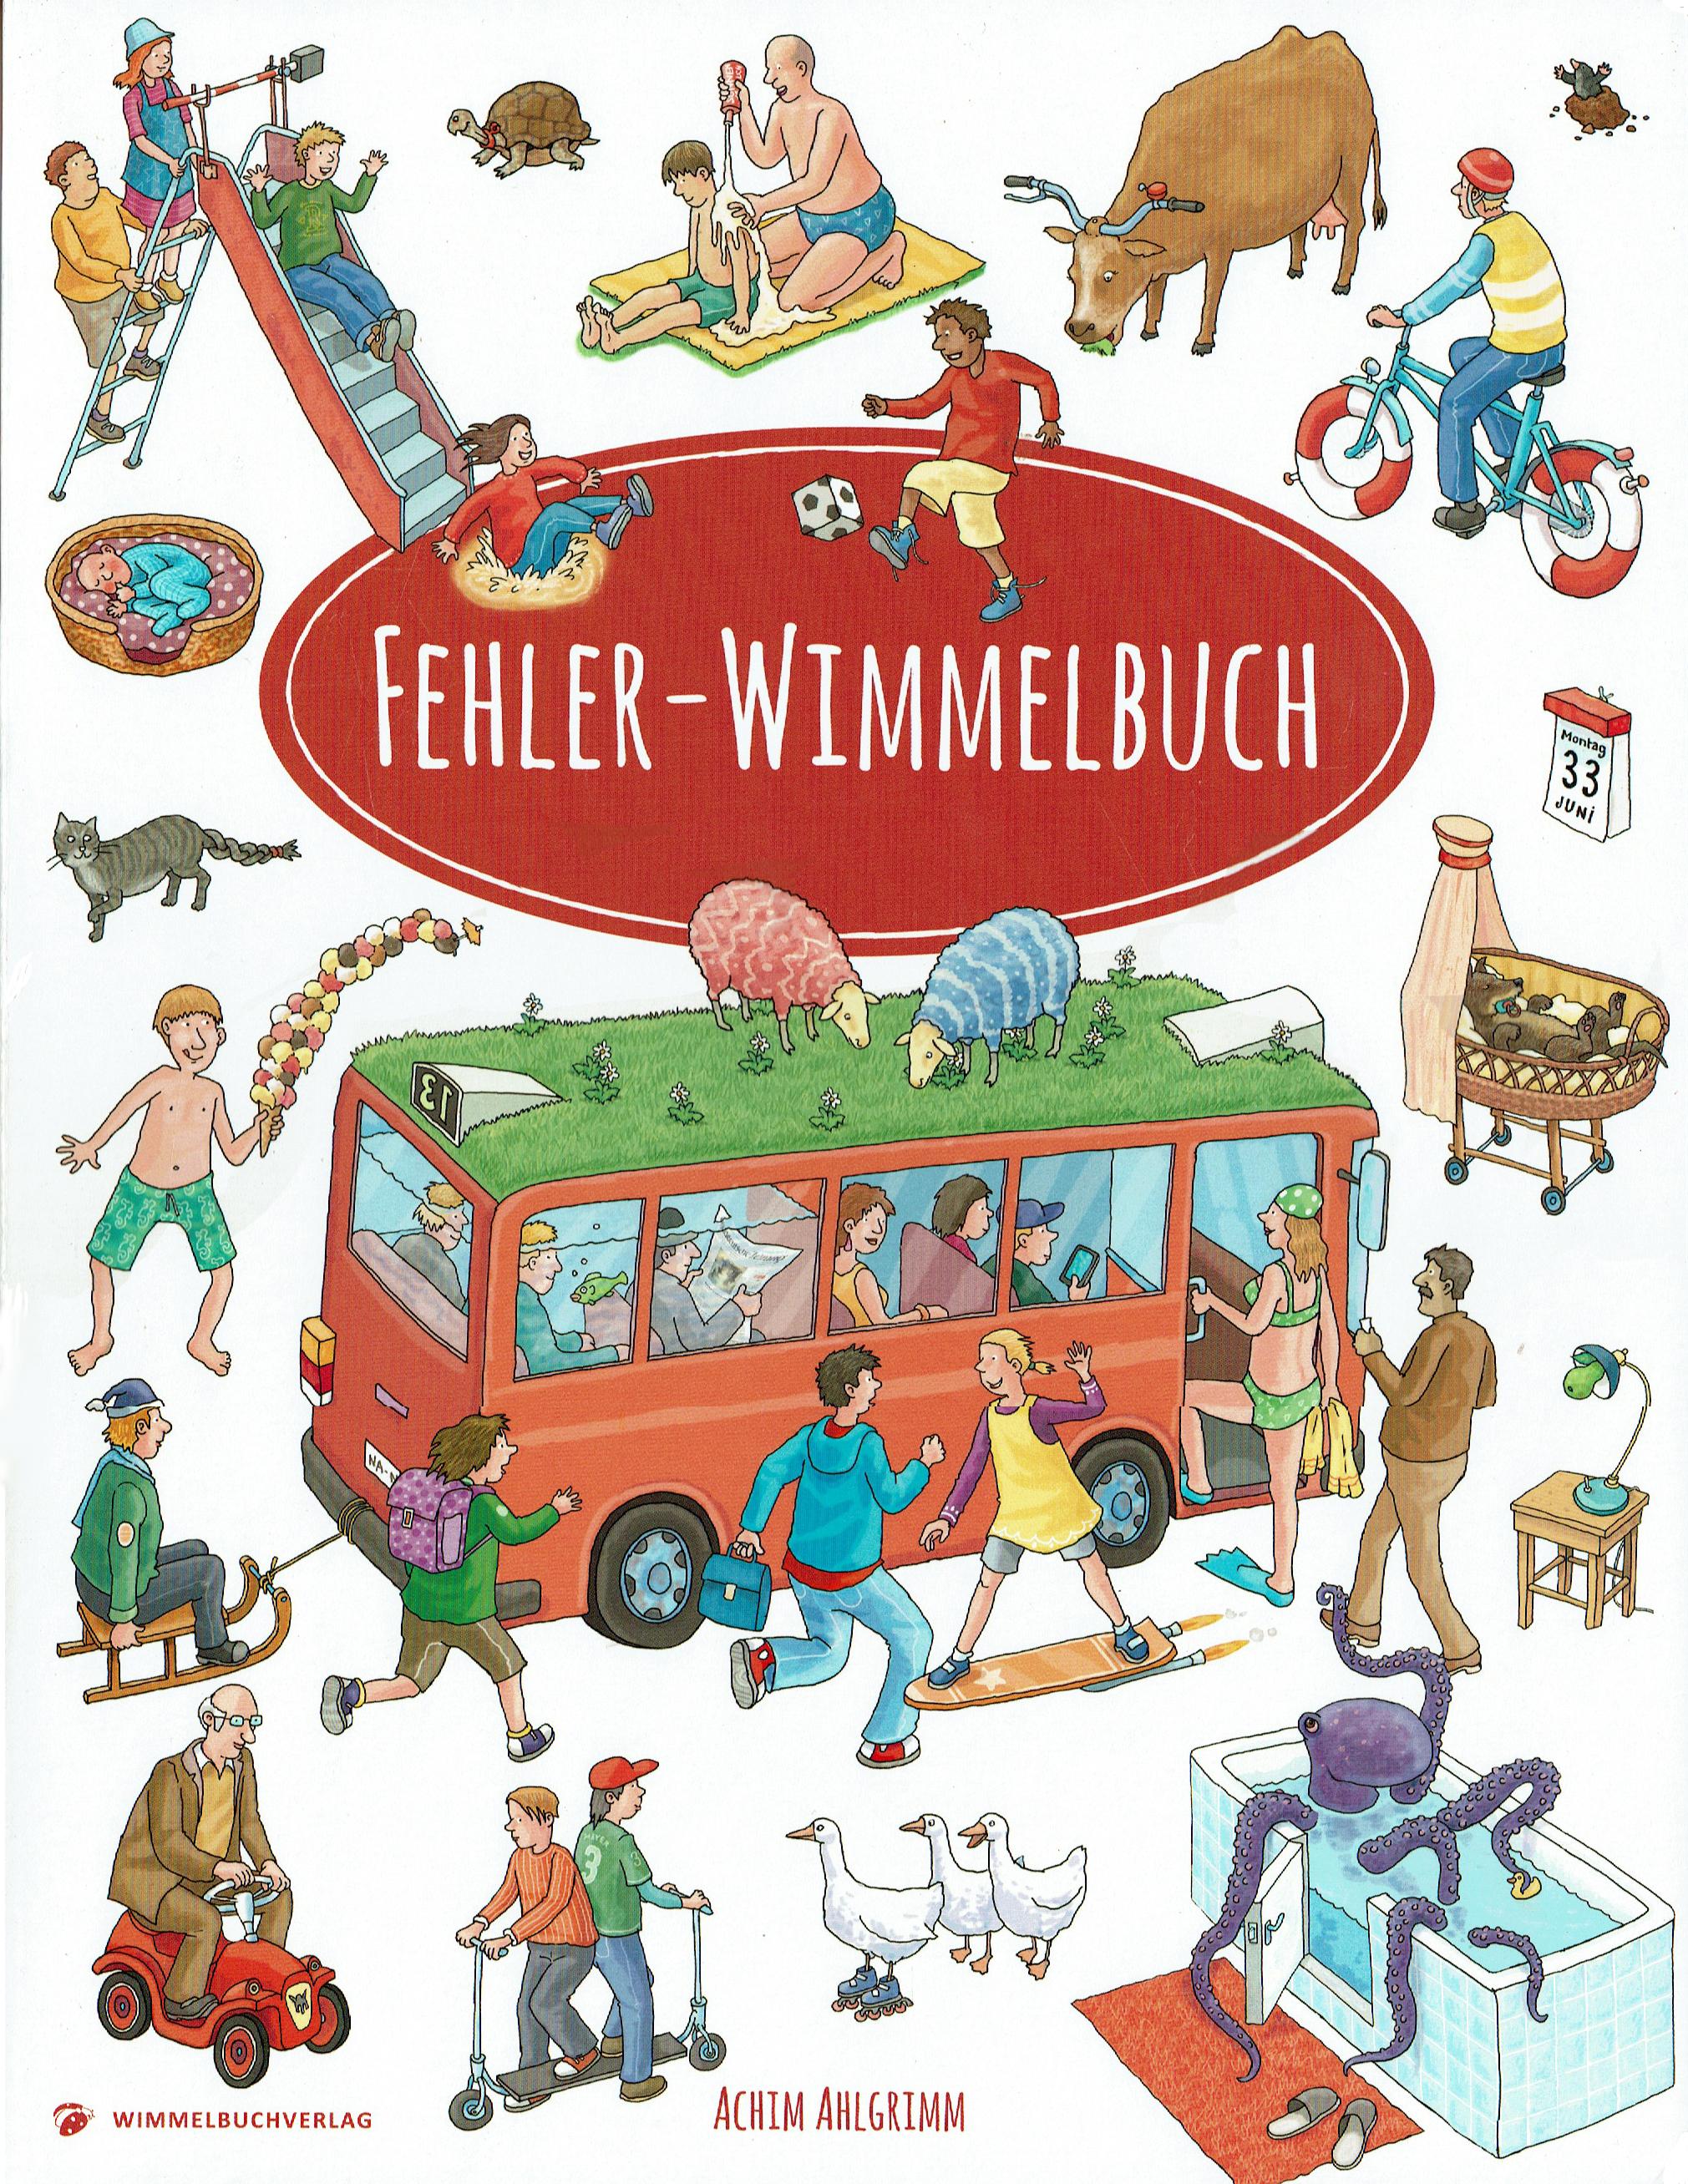 Fehler-Wimmelbuch, Wimmelbuchverlag 2017, Format 34x26